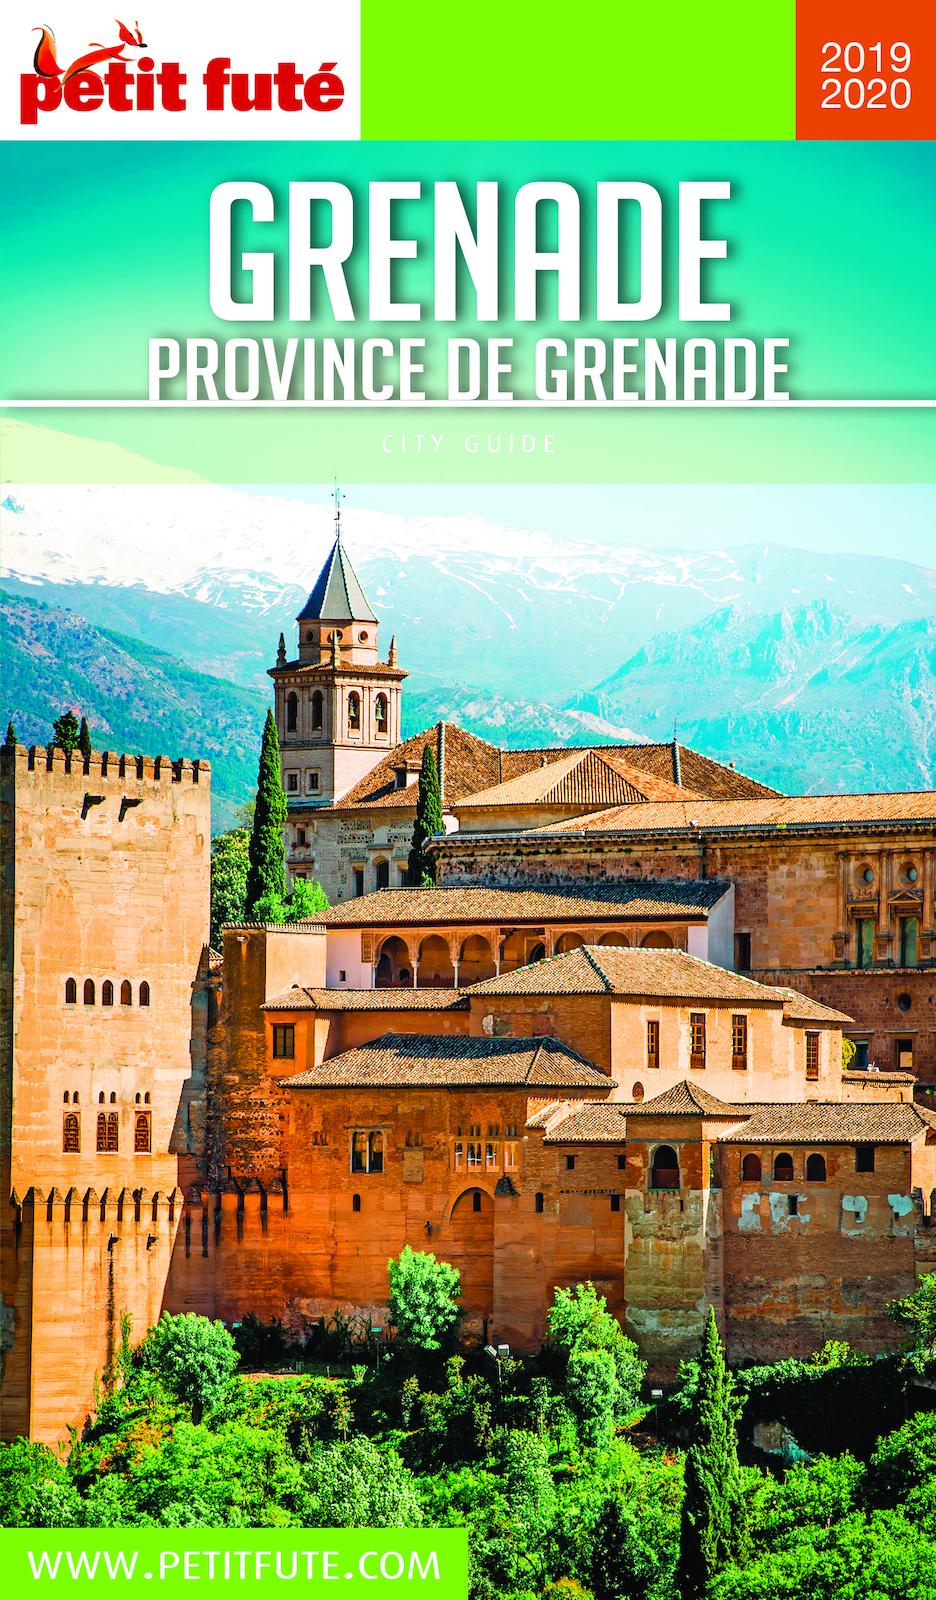 GRENADE / PROVINCE DE GRENADE 2019/2020 Petit Fut?